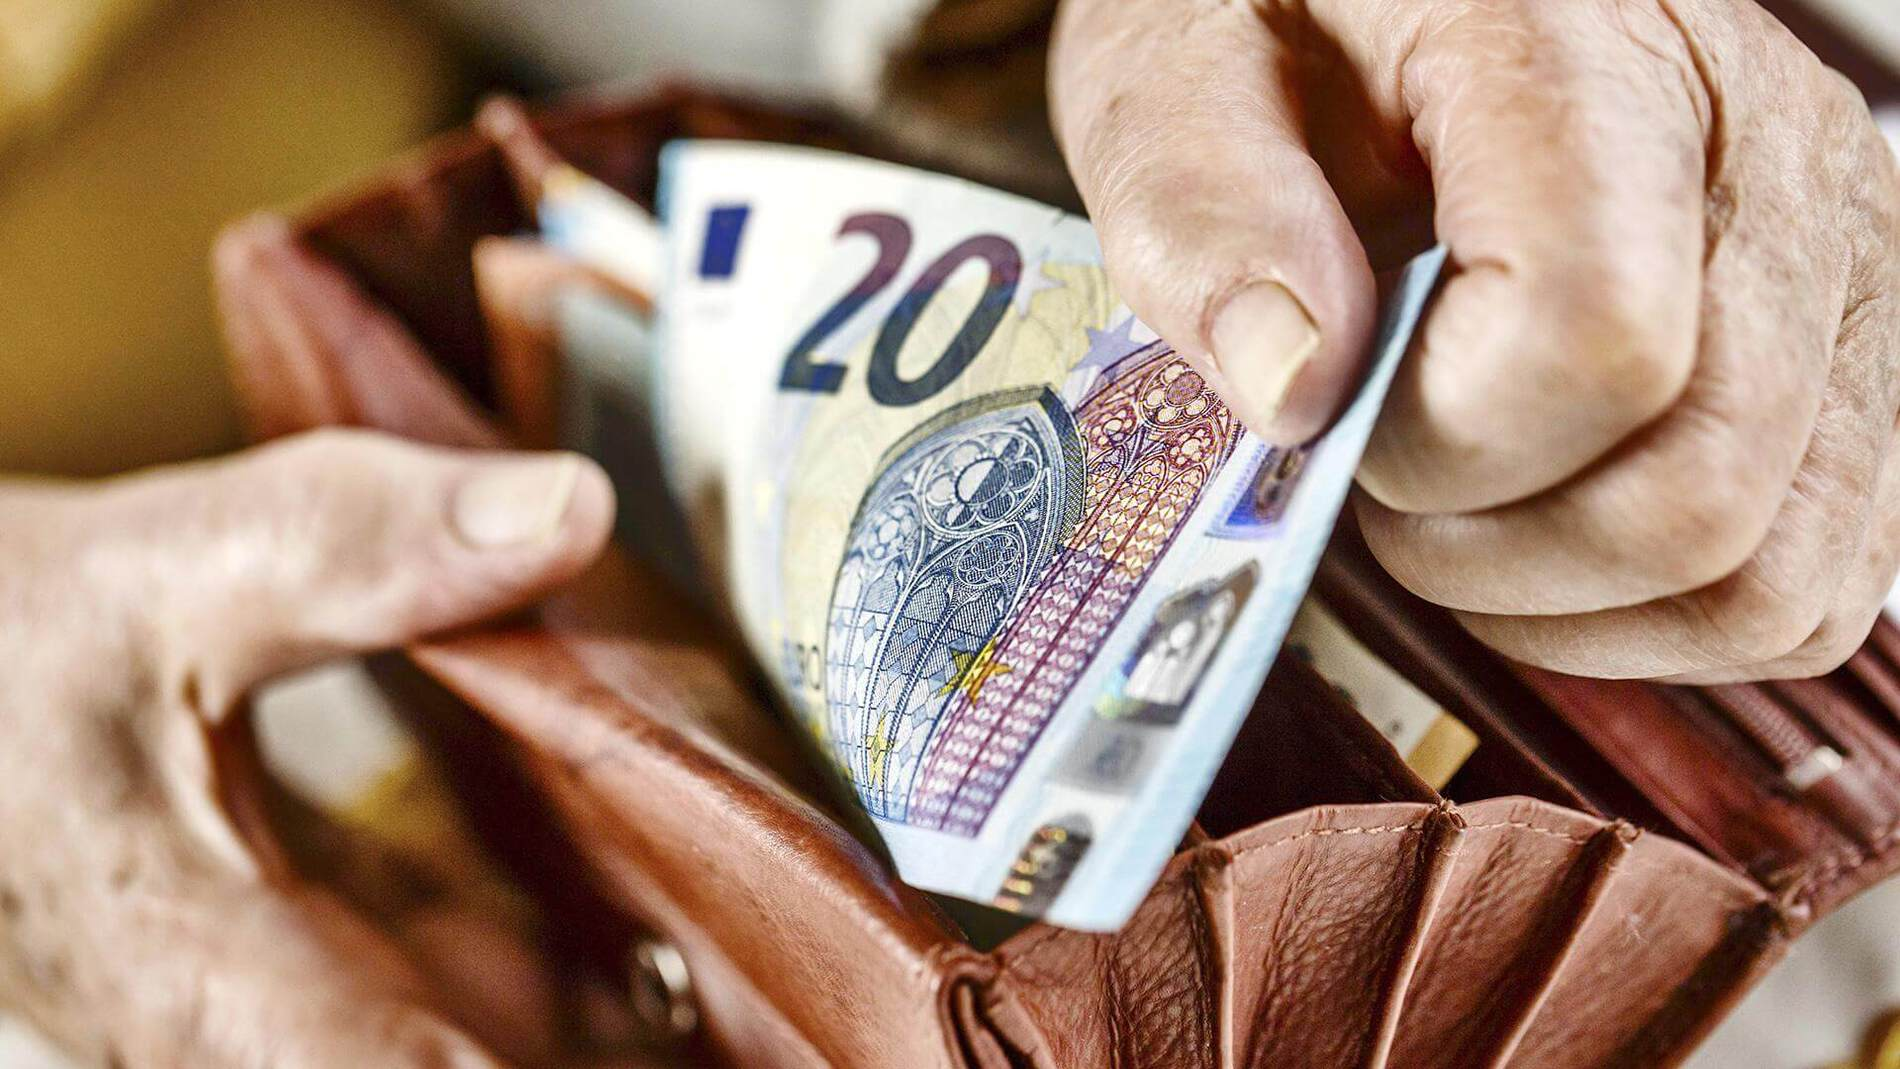 Польша или Украина — где дешевле? Сравниваем цены на обучение - UniverPL